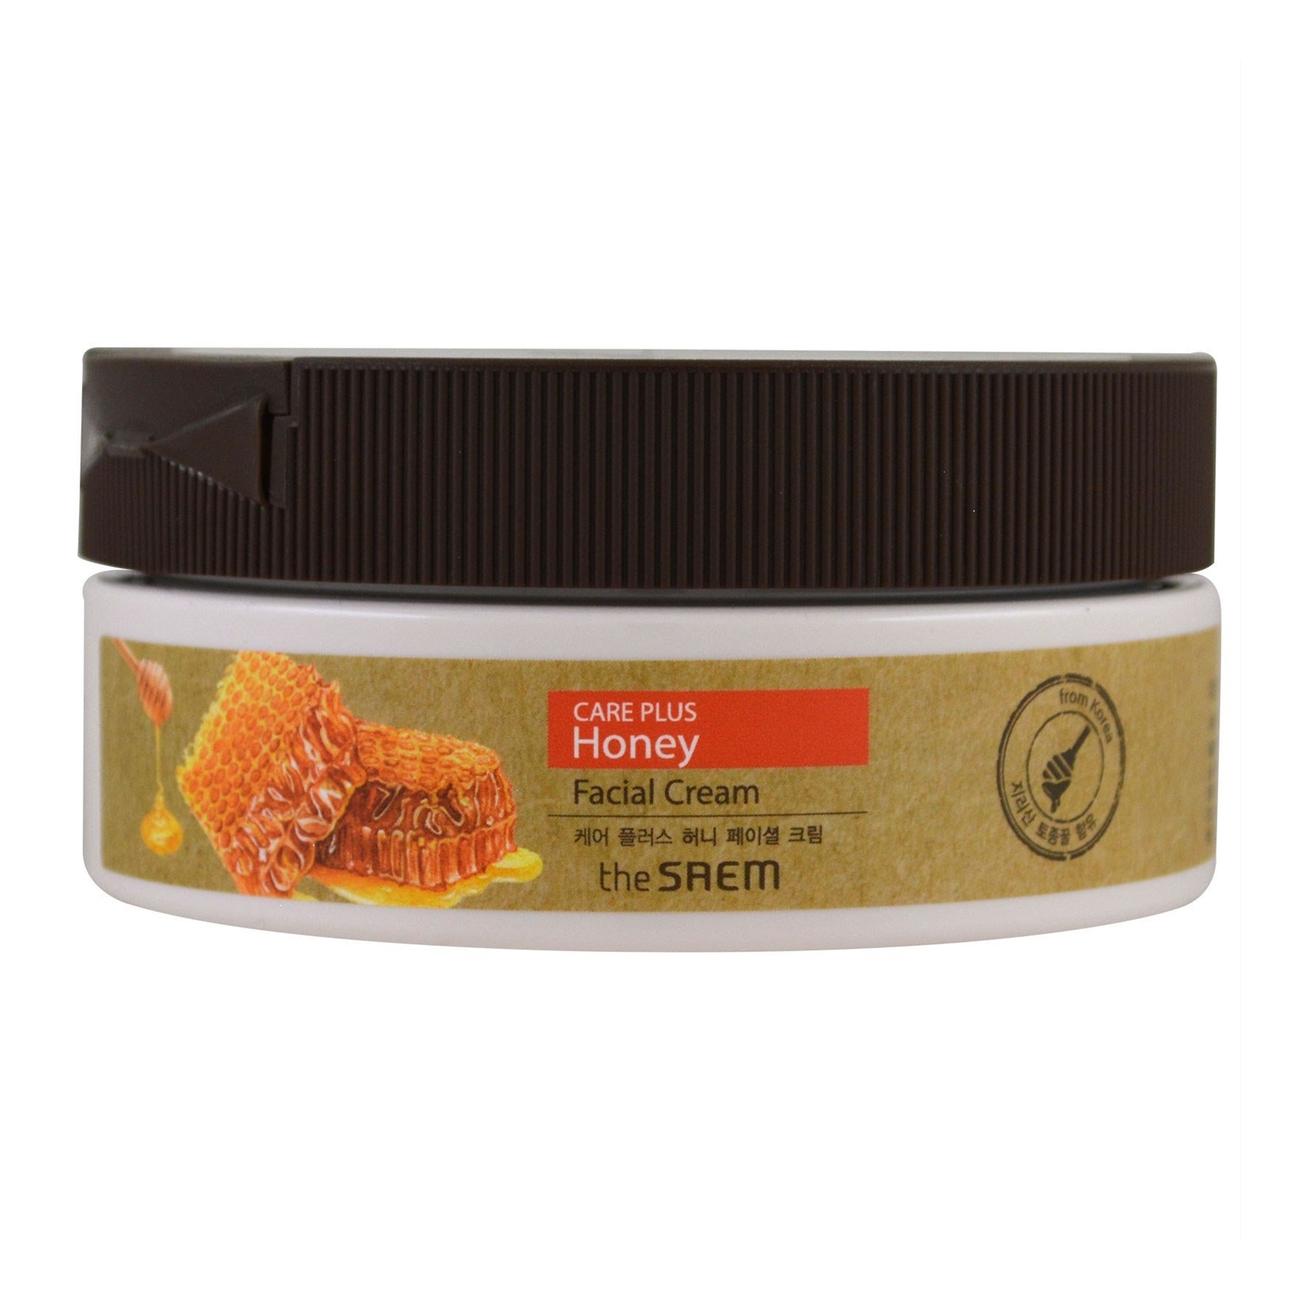 Крем для лица медовый Care Plus Honey Facial Cream 200мл медовый крем the saem care plus honey facial cream